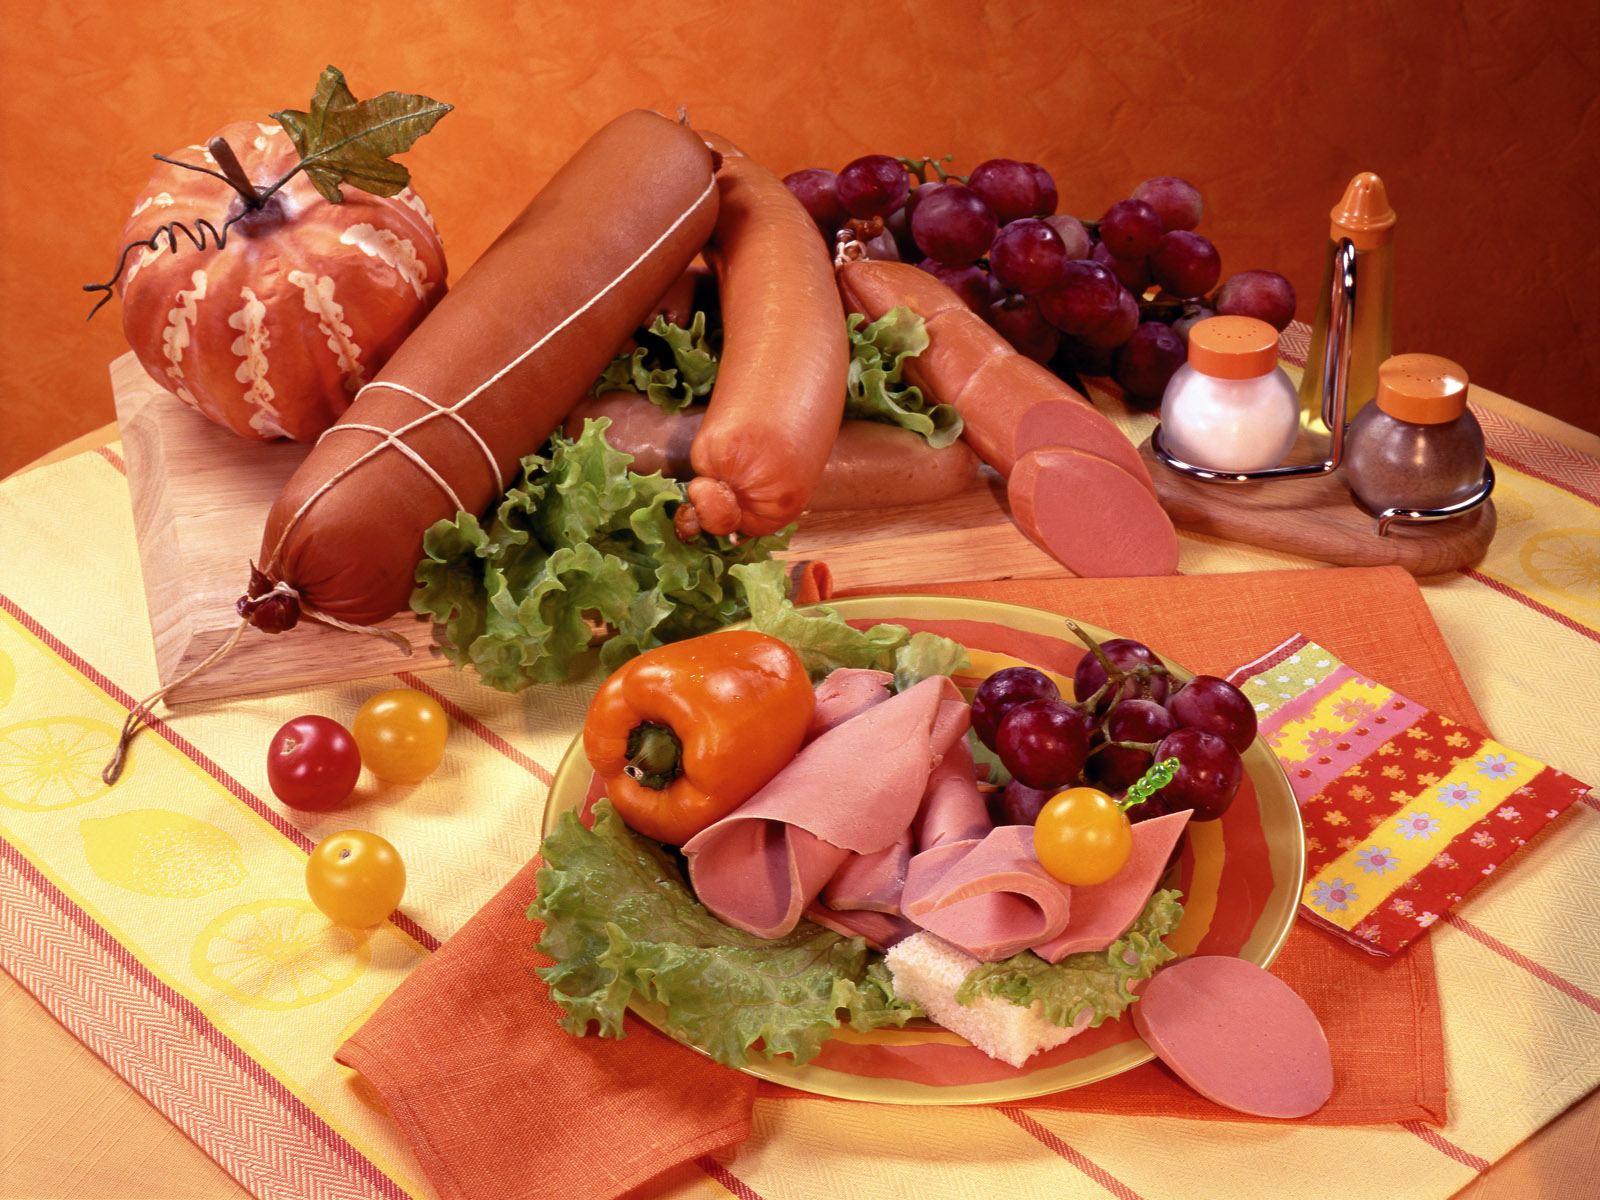 Encuentran cerdo en productos anunciados como halal en Noruega.